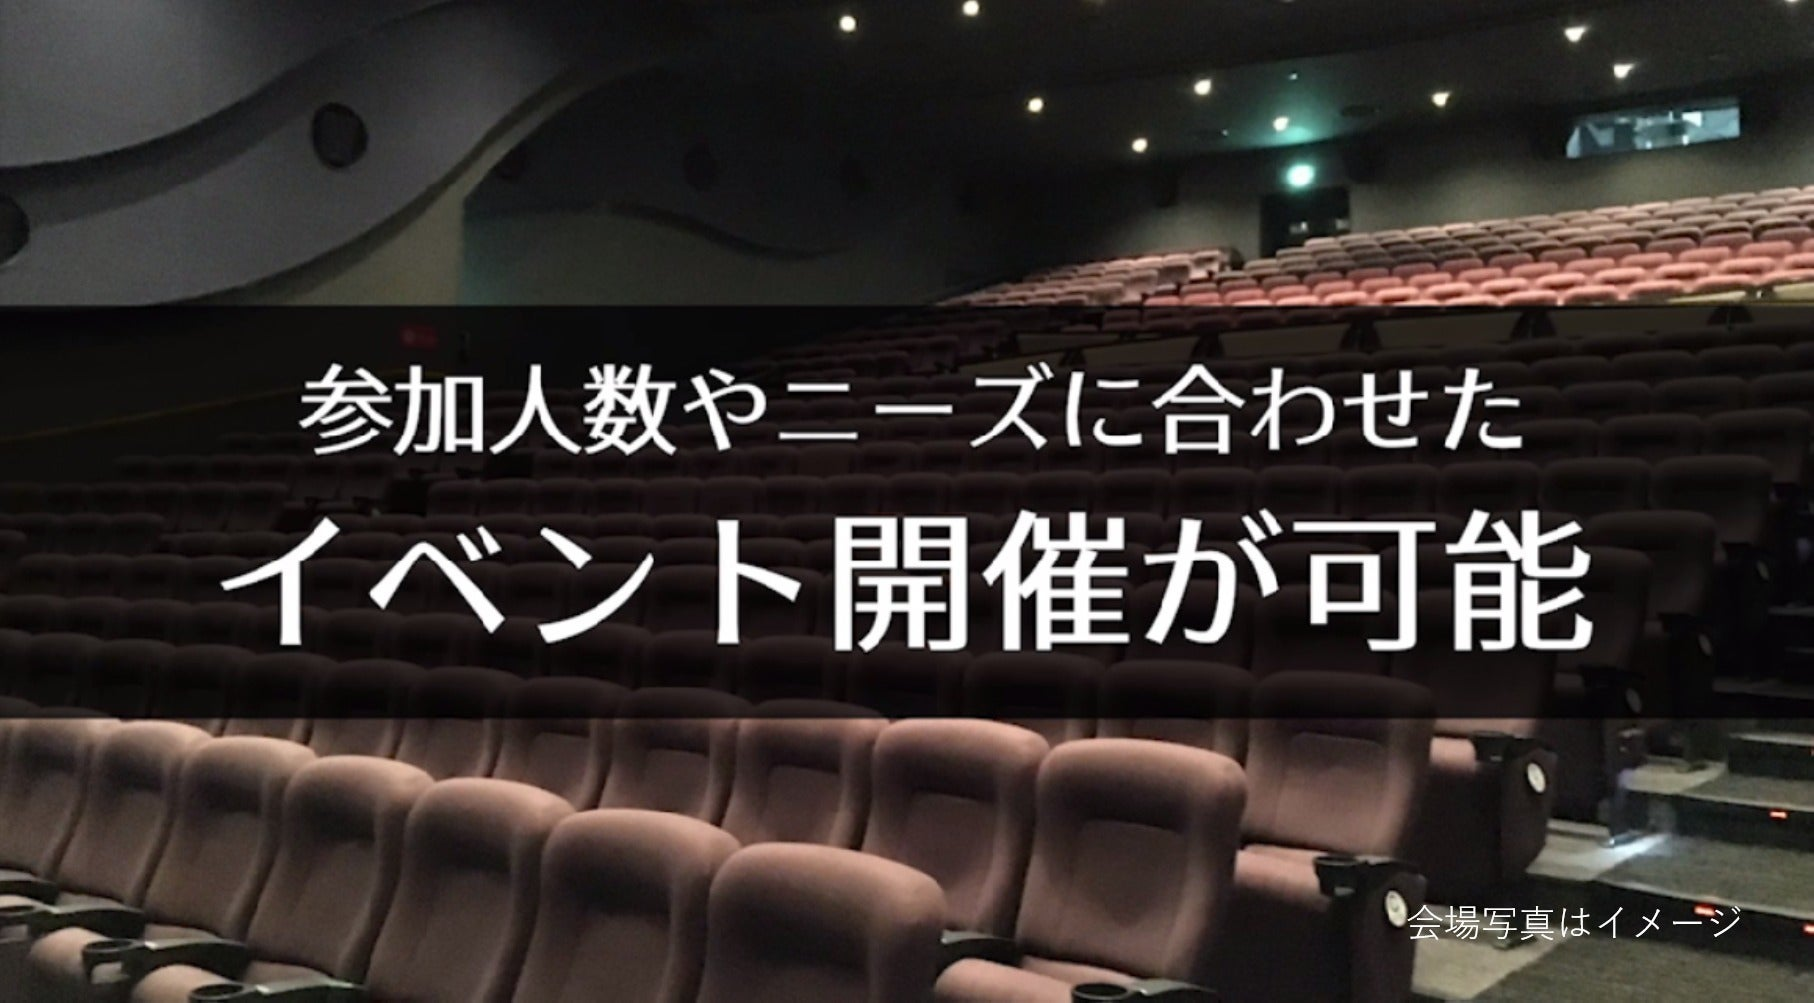 【幸手 137席】映画館で、会社説明会、株主総会、講演会の企画はいかがですか?(シネプレックス幸手) の写真0